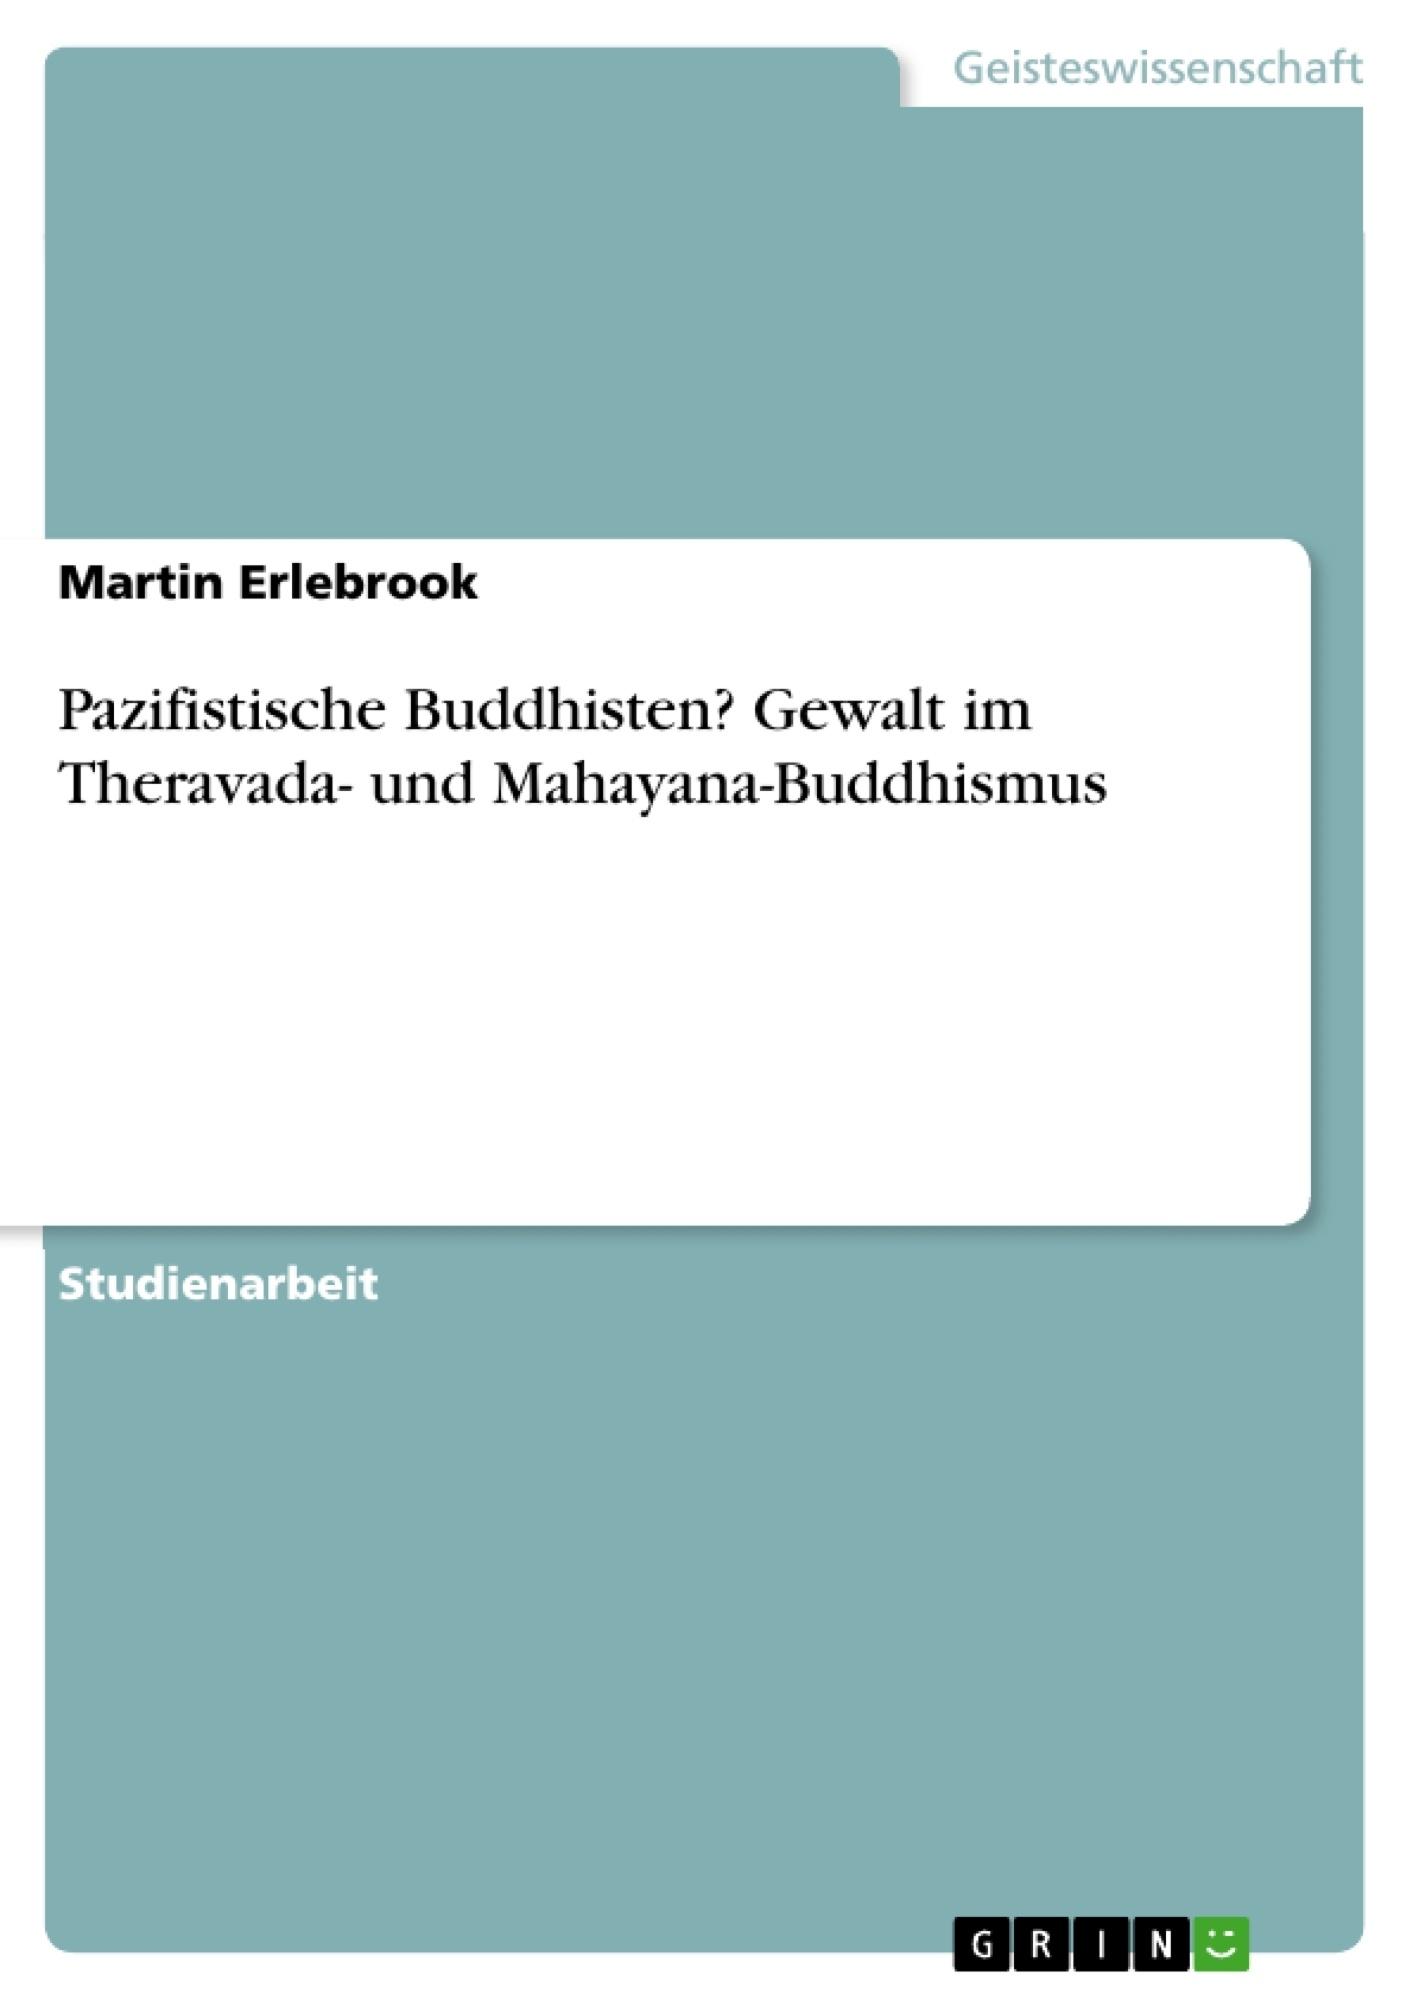 Titel: Pazifistische Buddhisten? Gewalt im Theravada- und Mahayana-Buddhismus